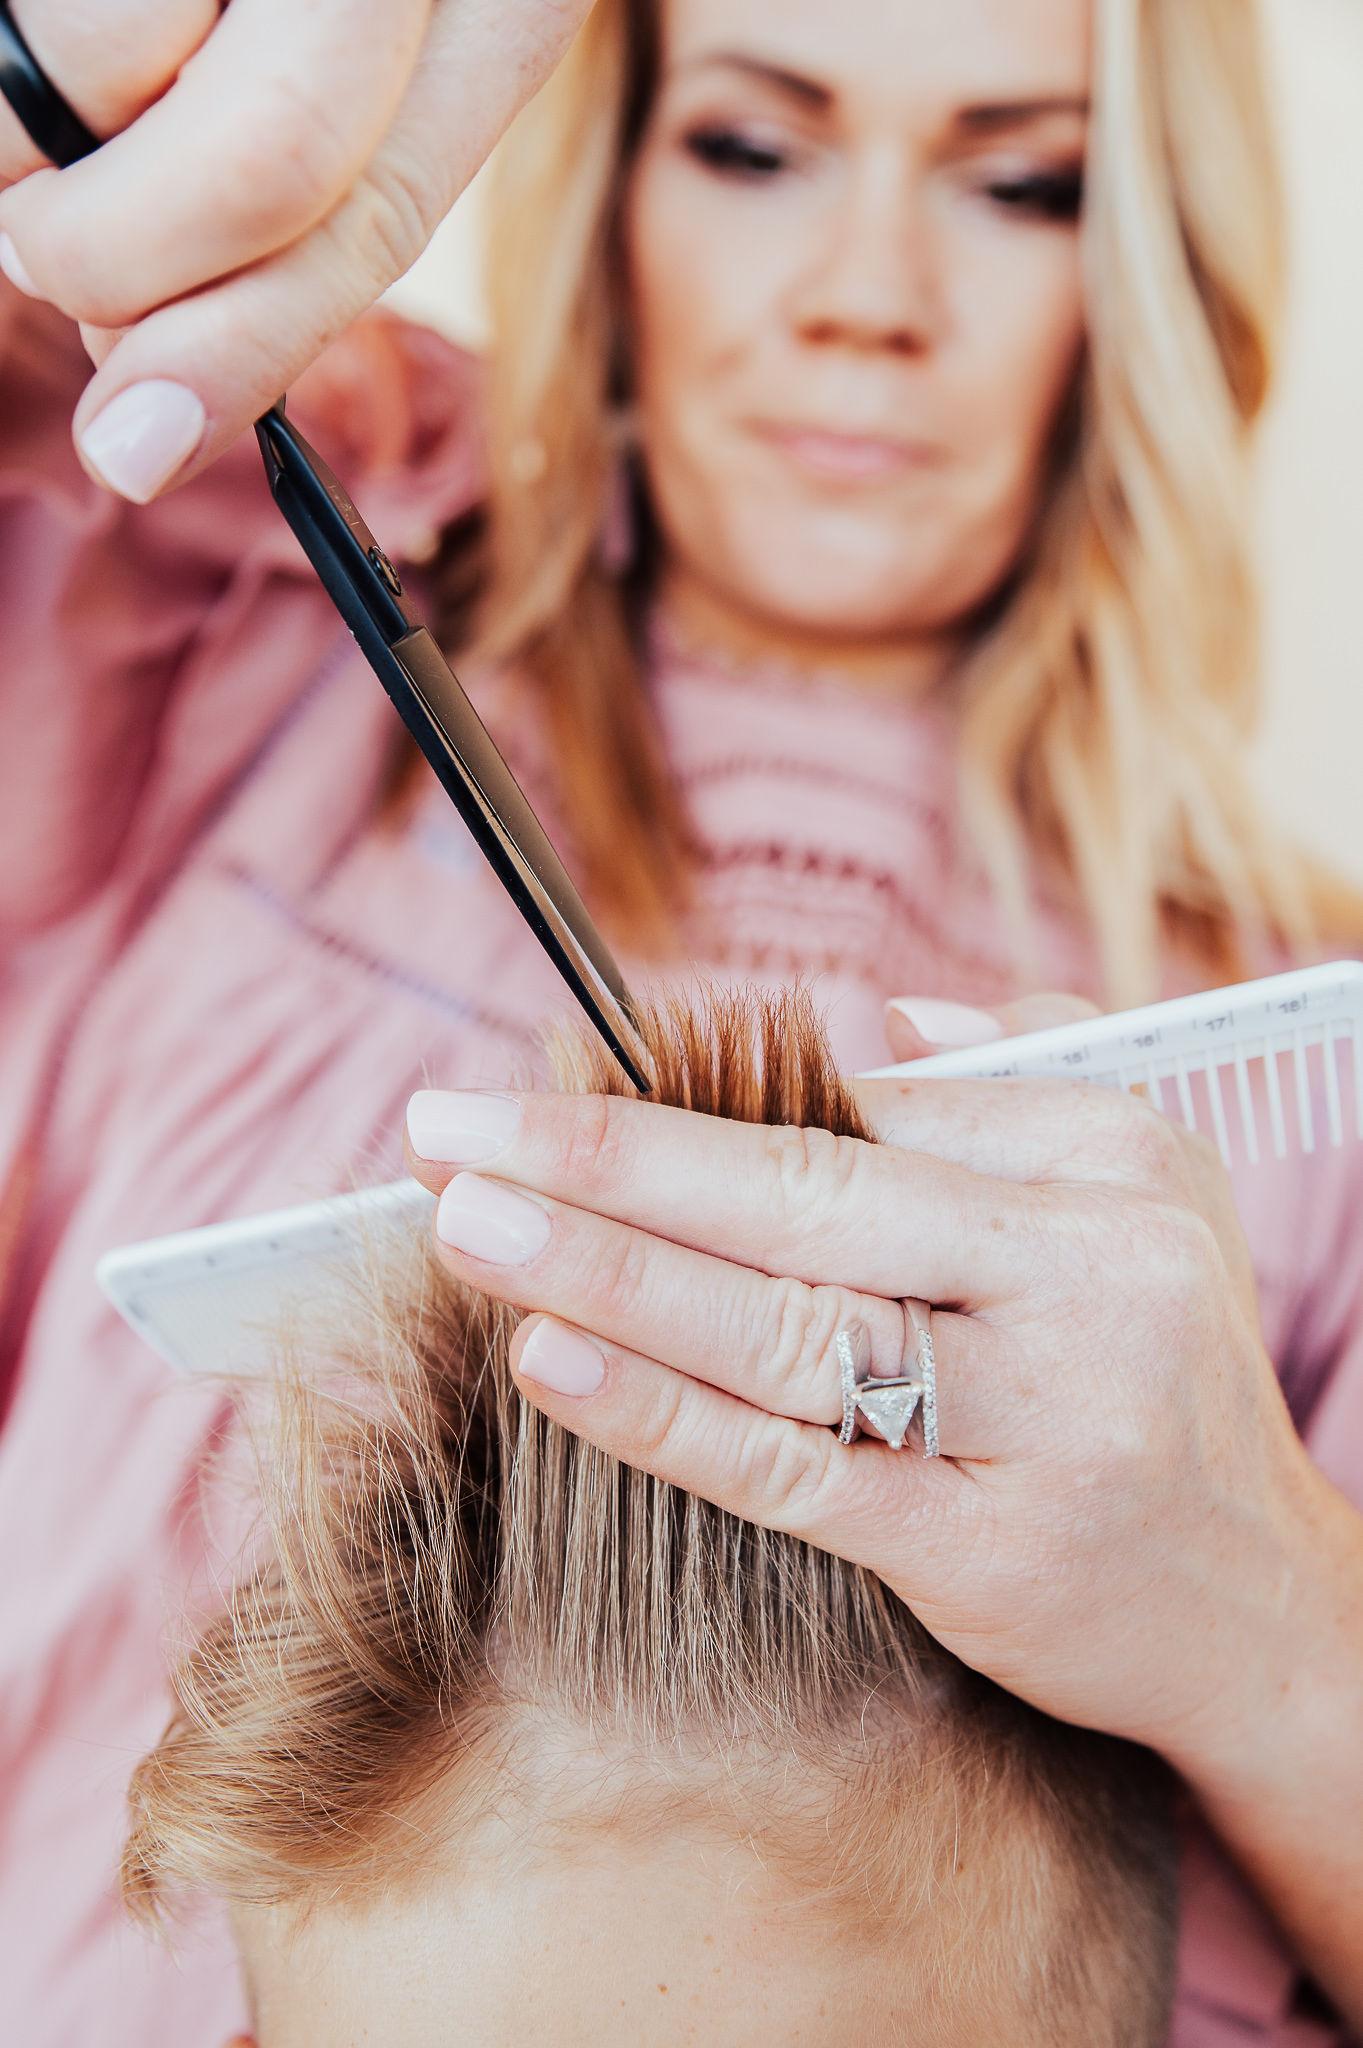 usando la caja de corte de pelo para cortar el cabello de su hijo en casa.  www.twistmepretty.com